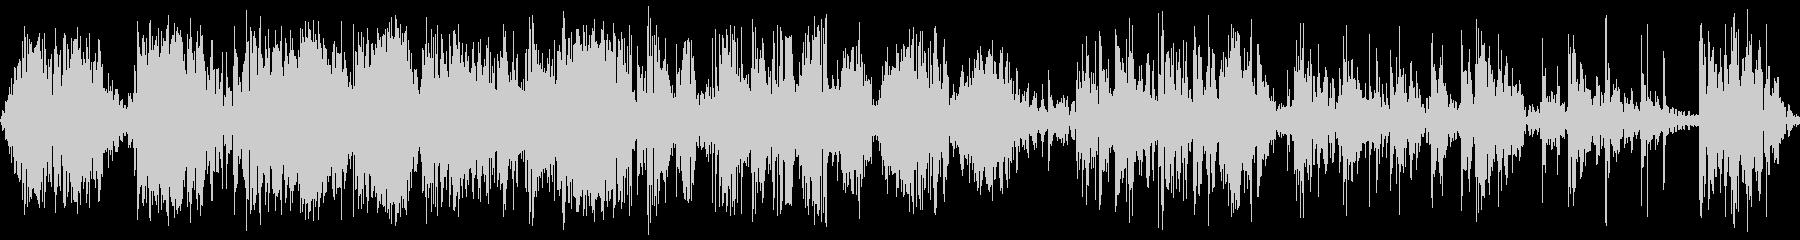 ゴム風船:ヘビーラブズアンドスキー...の未再生の波形